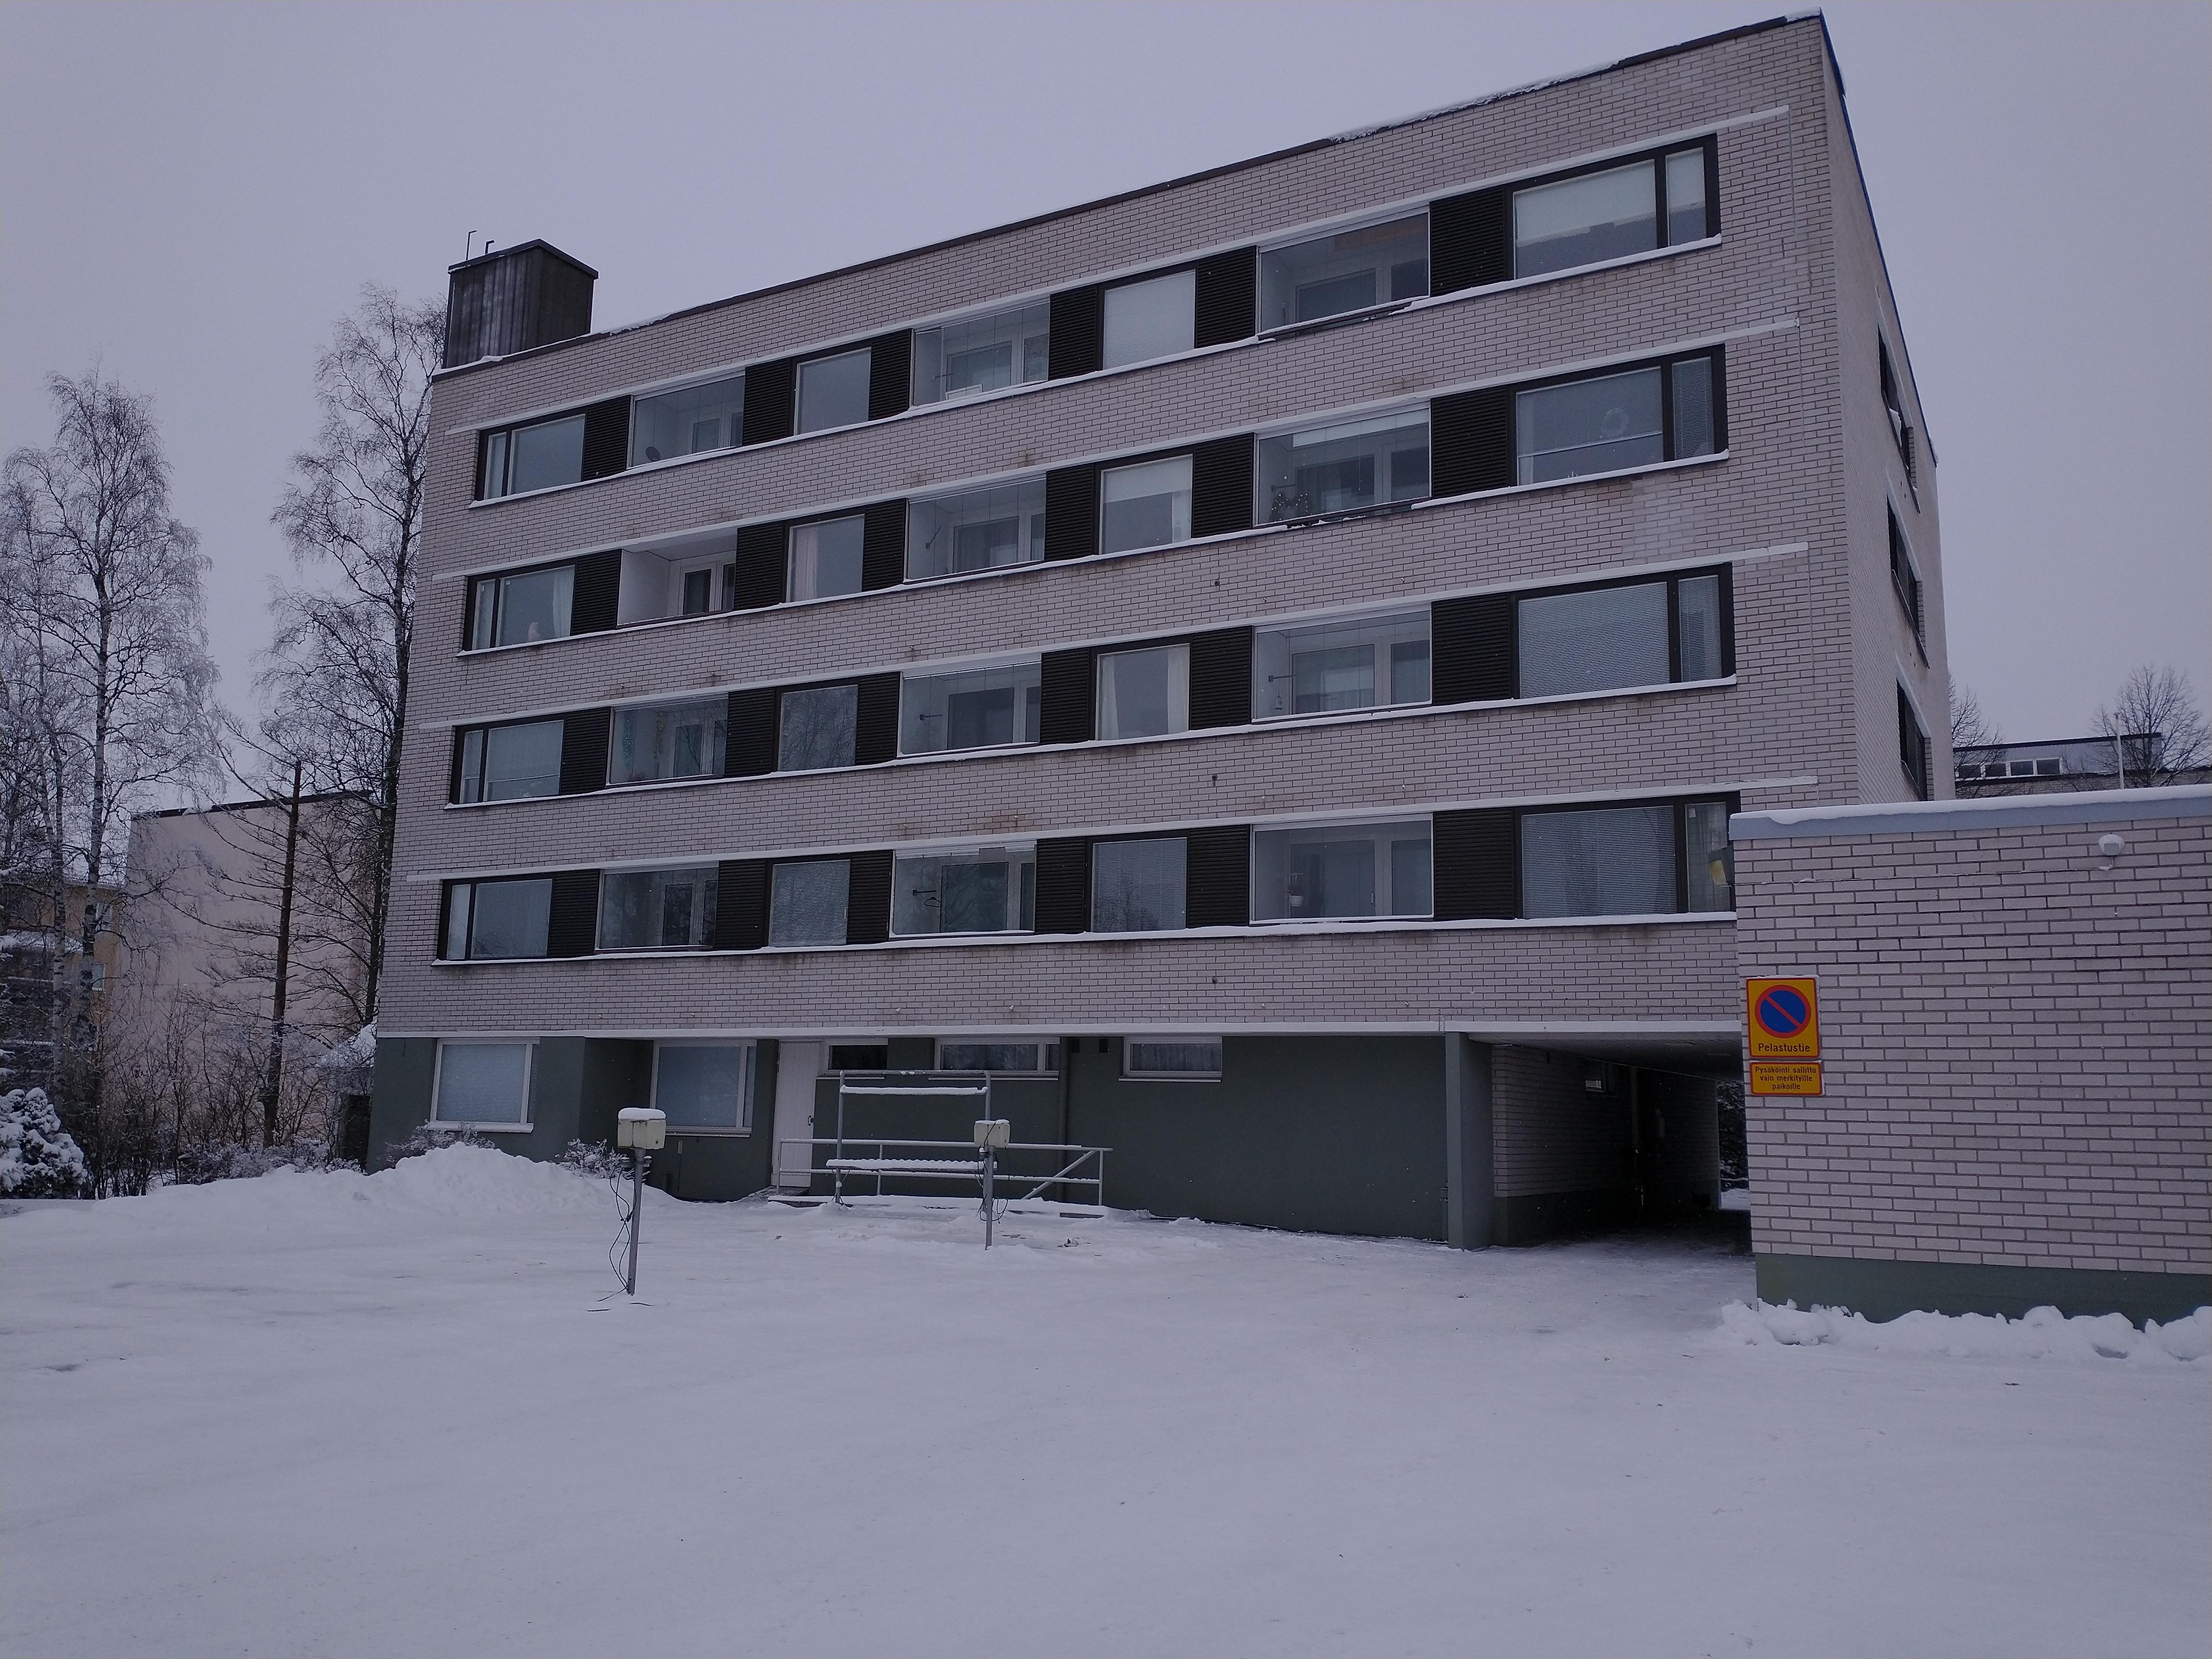 Kalevalankatu 11 B11, Loimaa